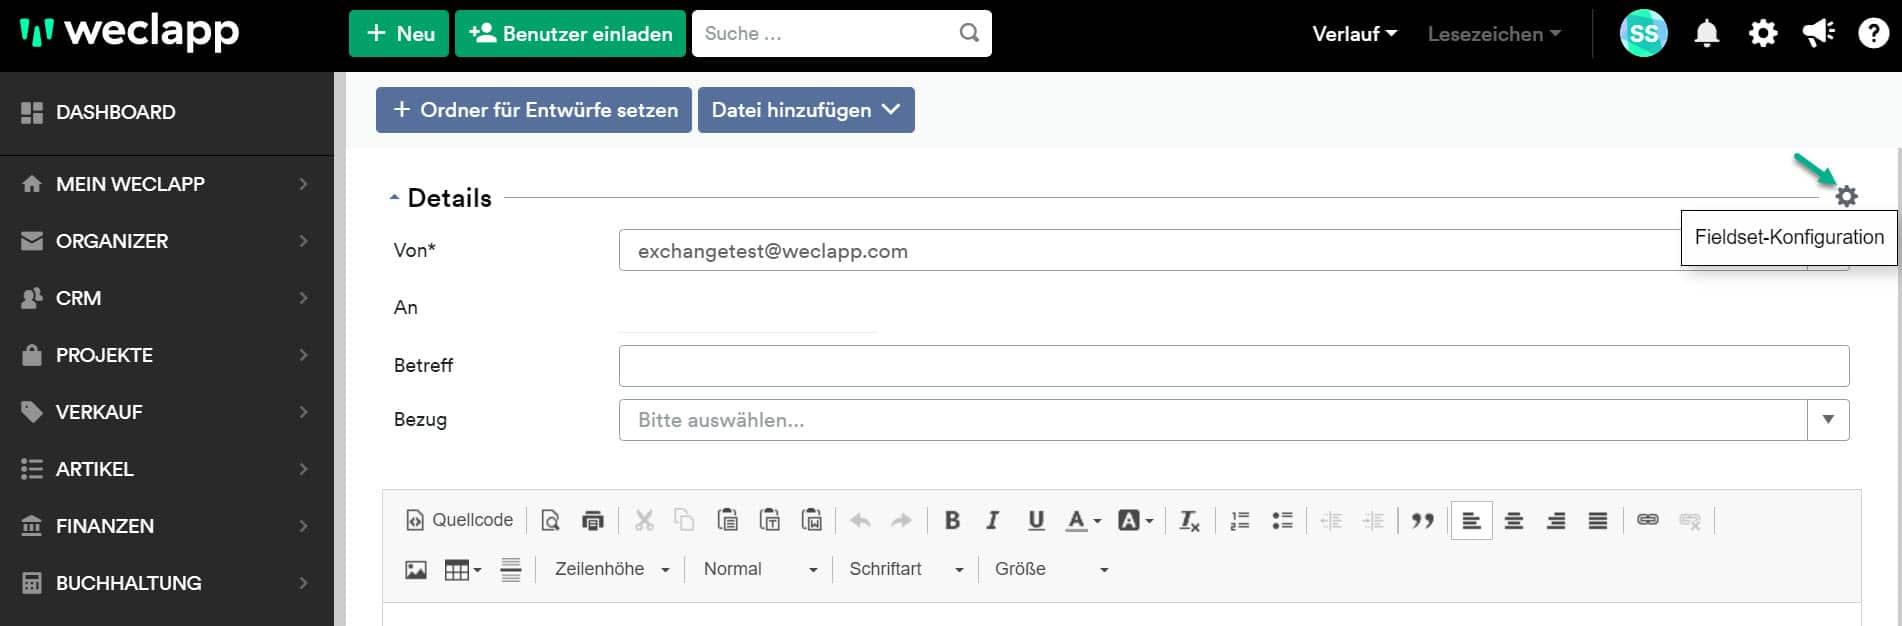 emails Changelog News